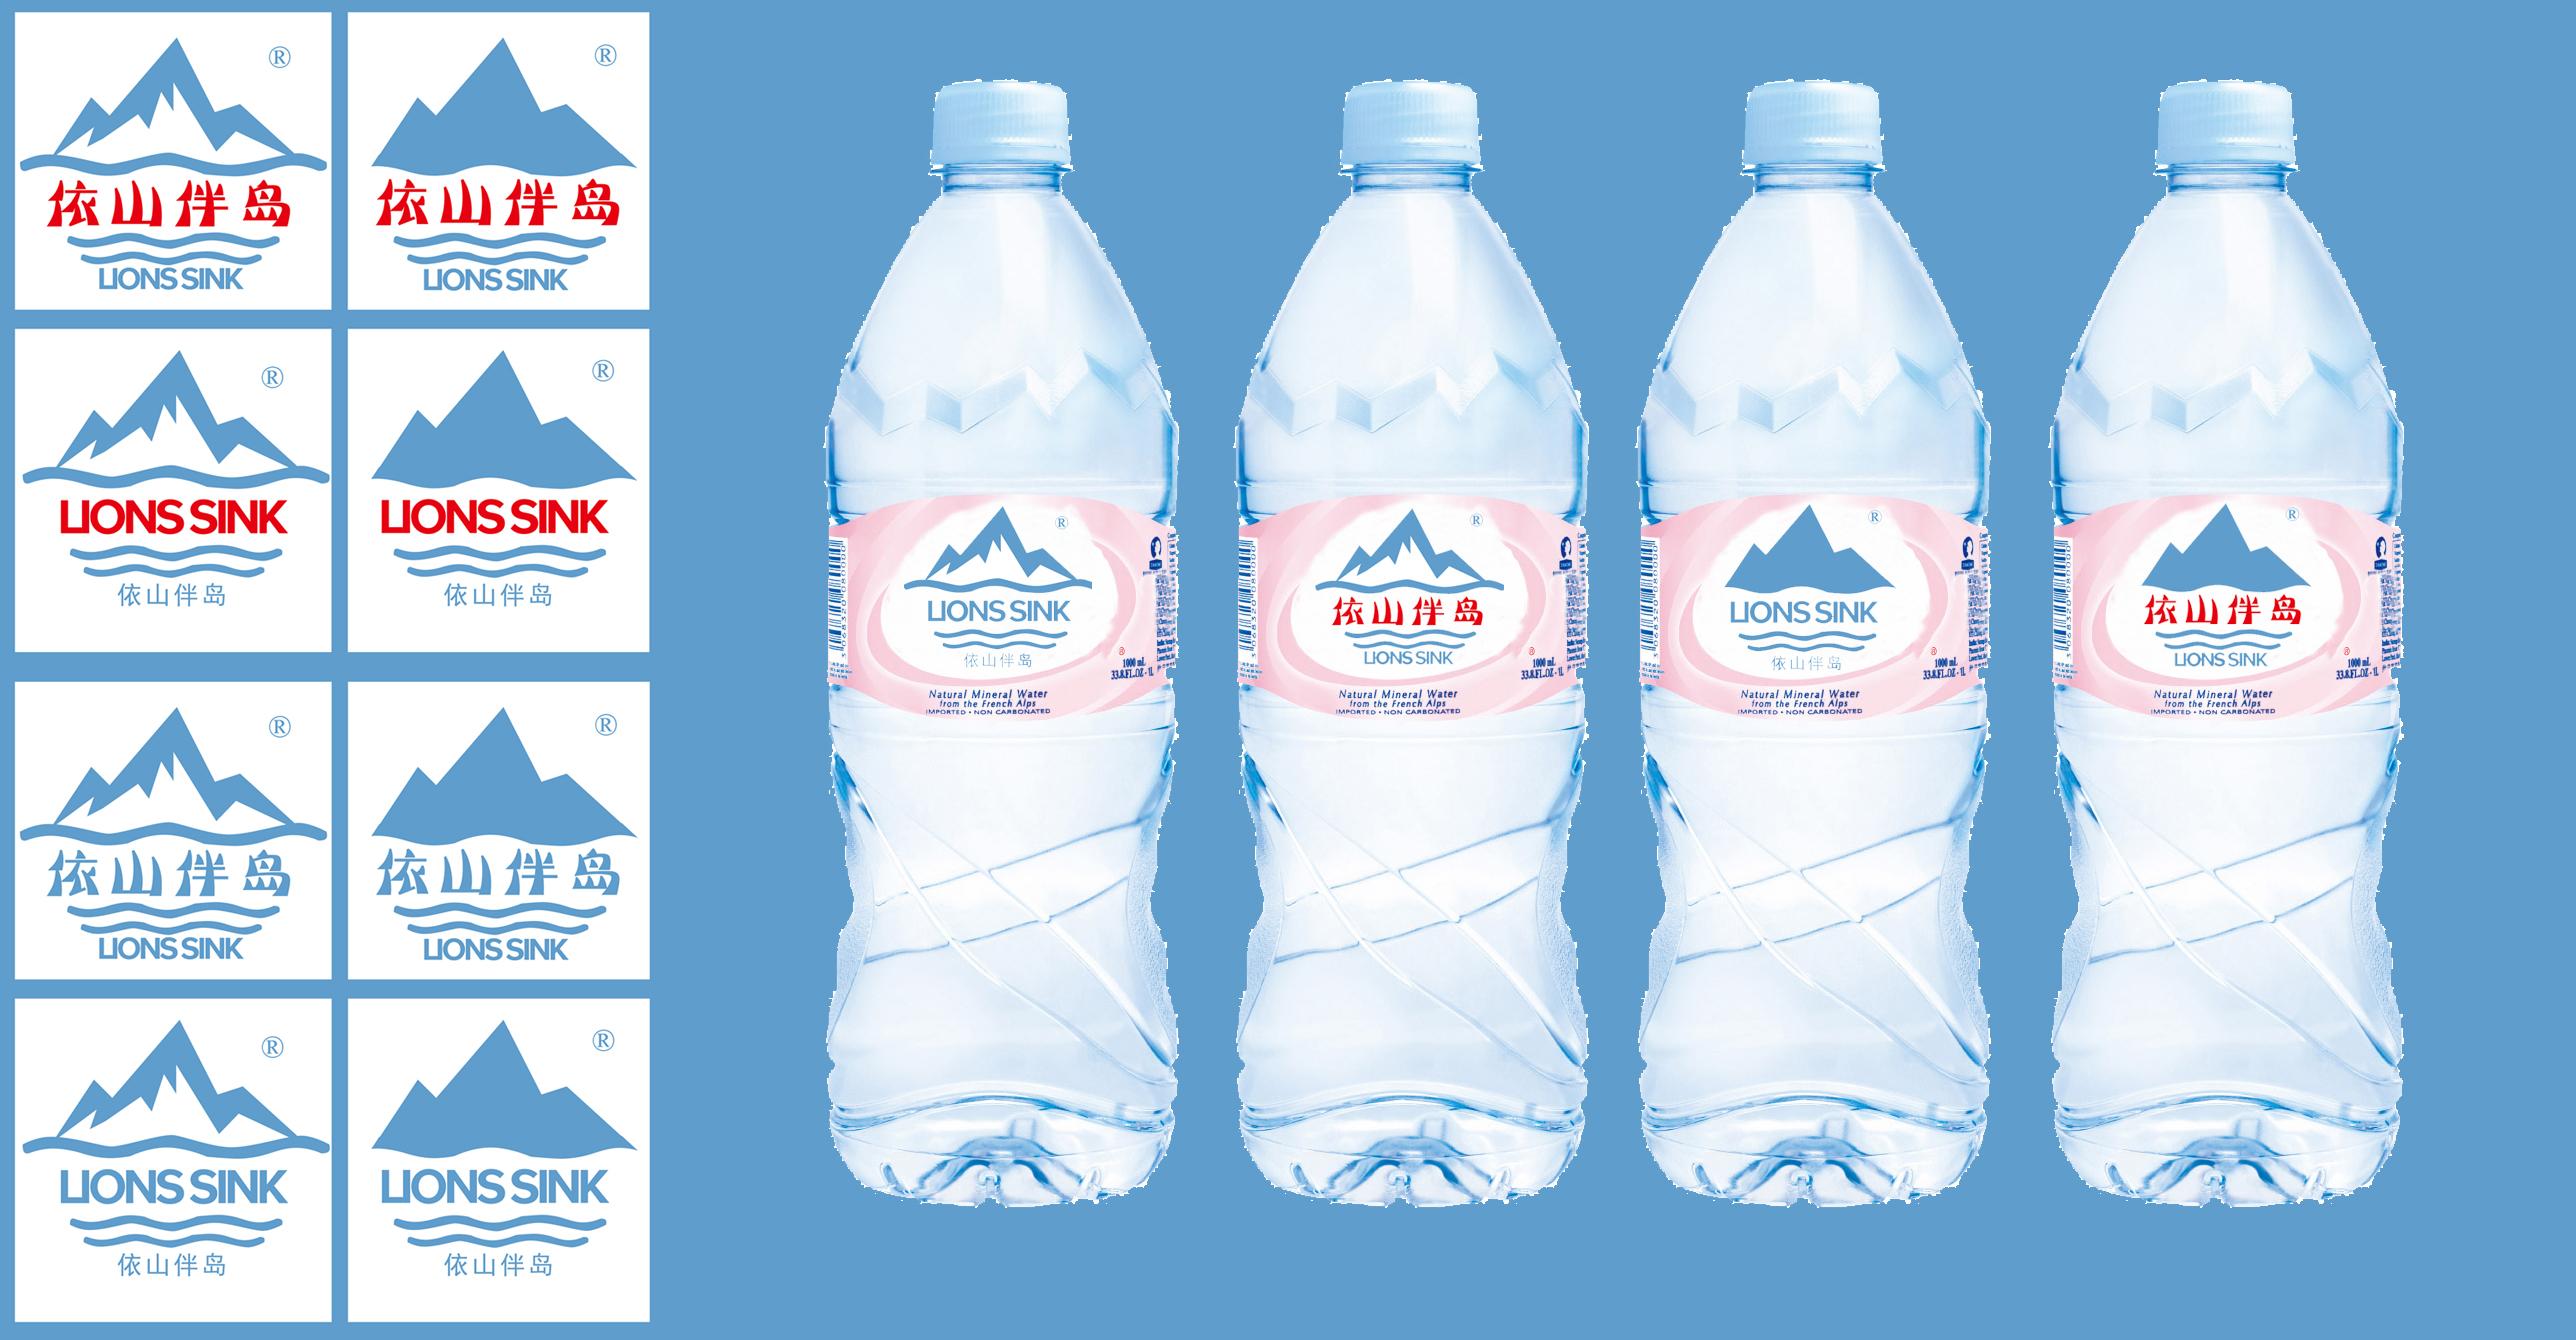 矿泉水征集标识设计